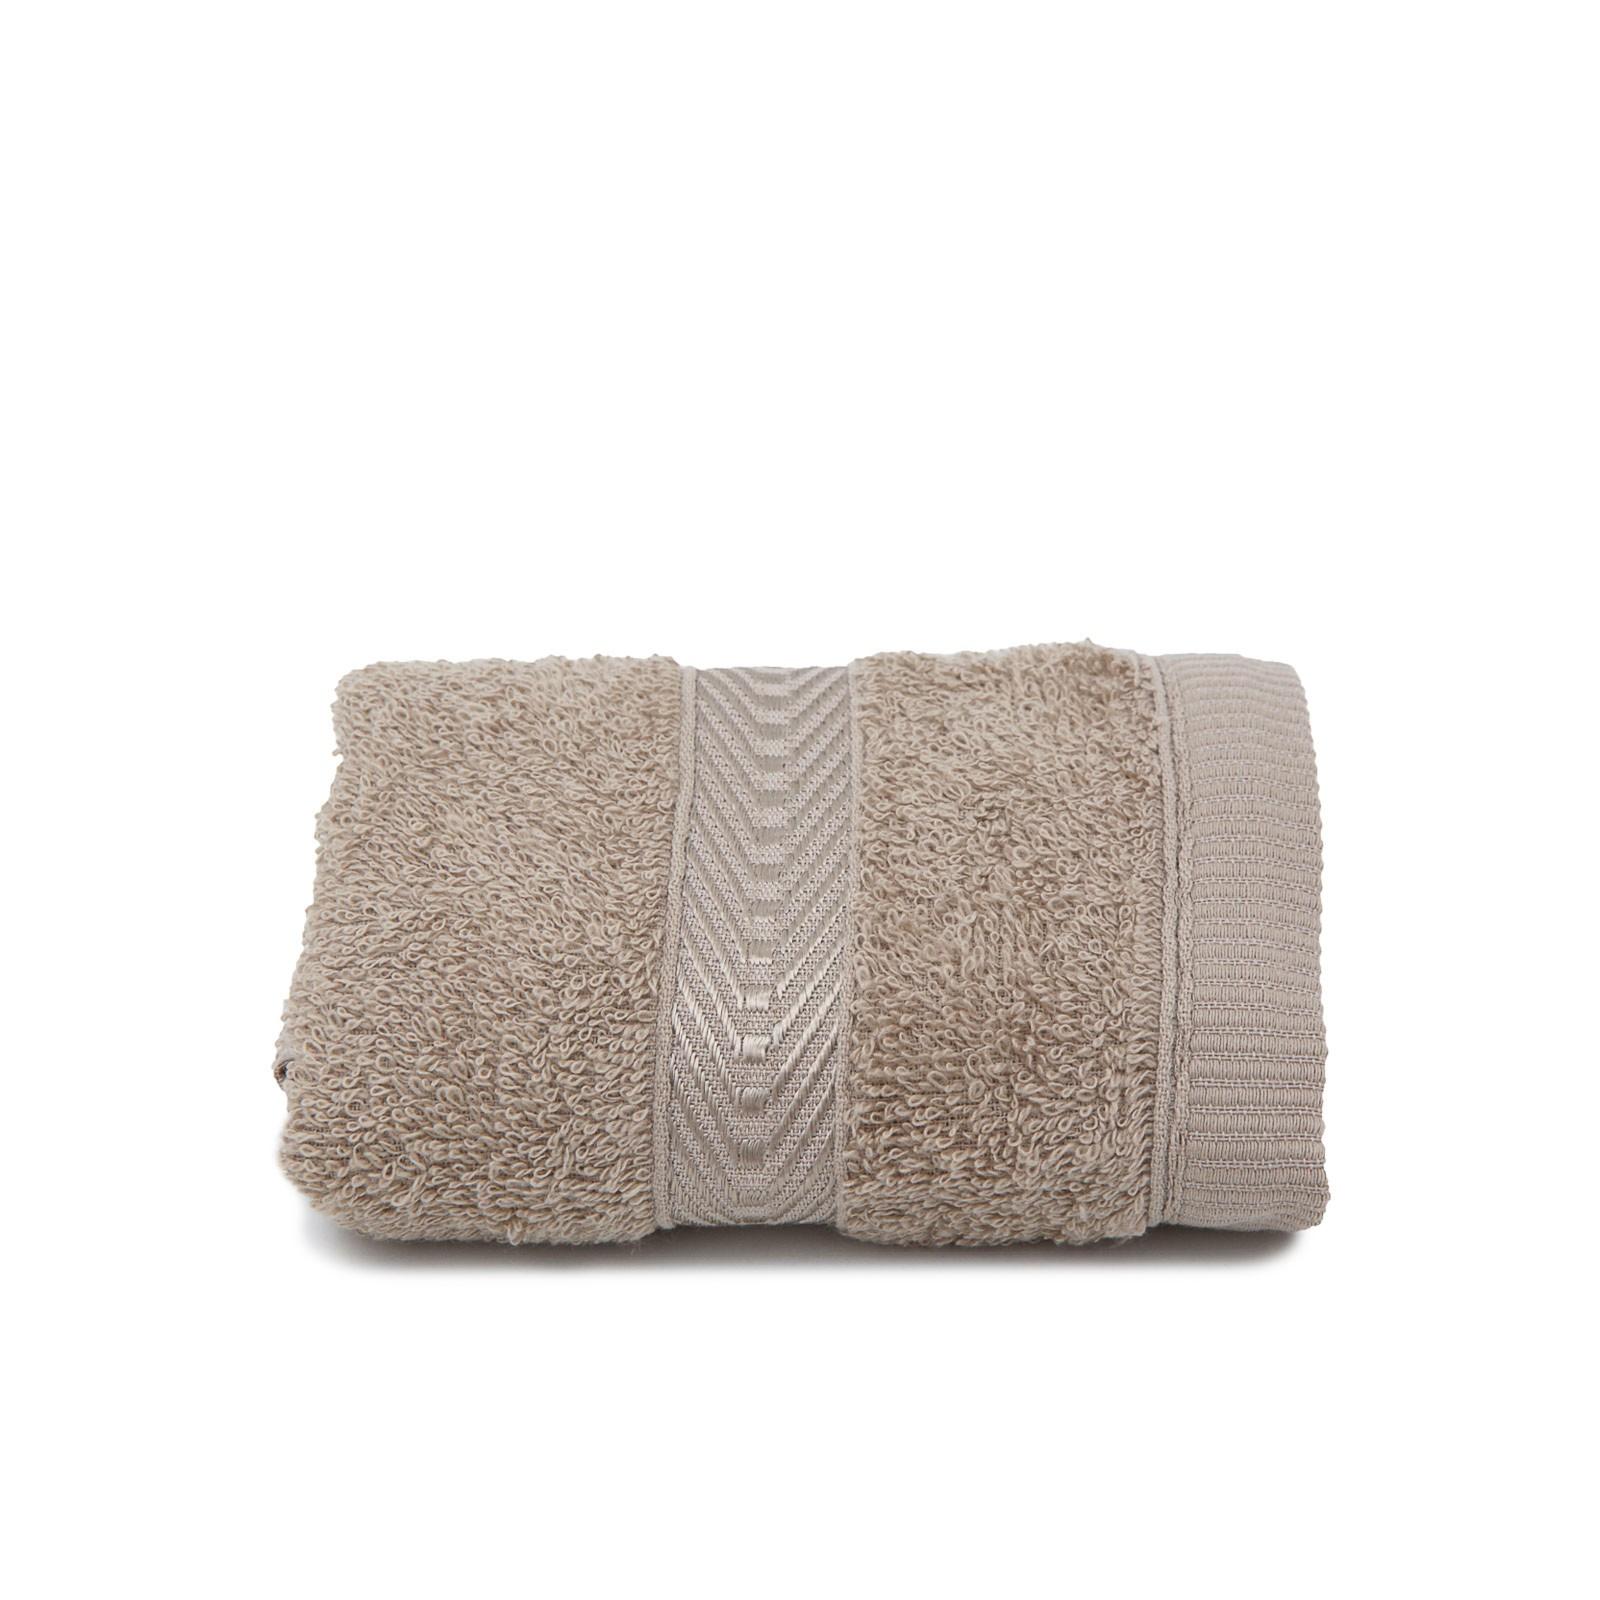 Toalha de Rosto Artex 100 Algodao Barra com Viscose 41x70 cm Trigo